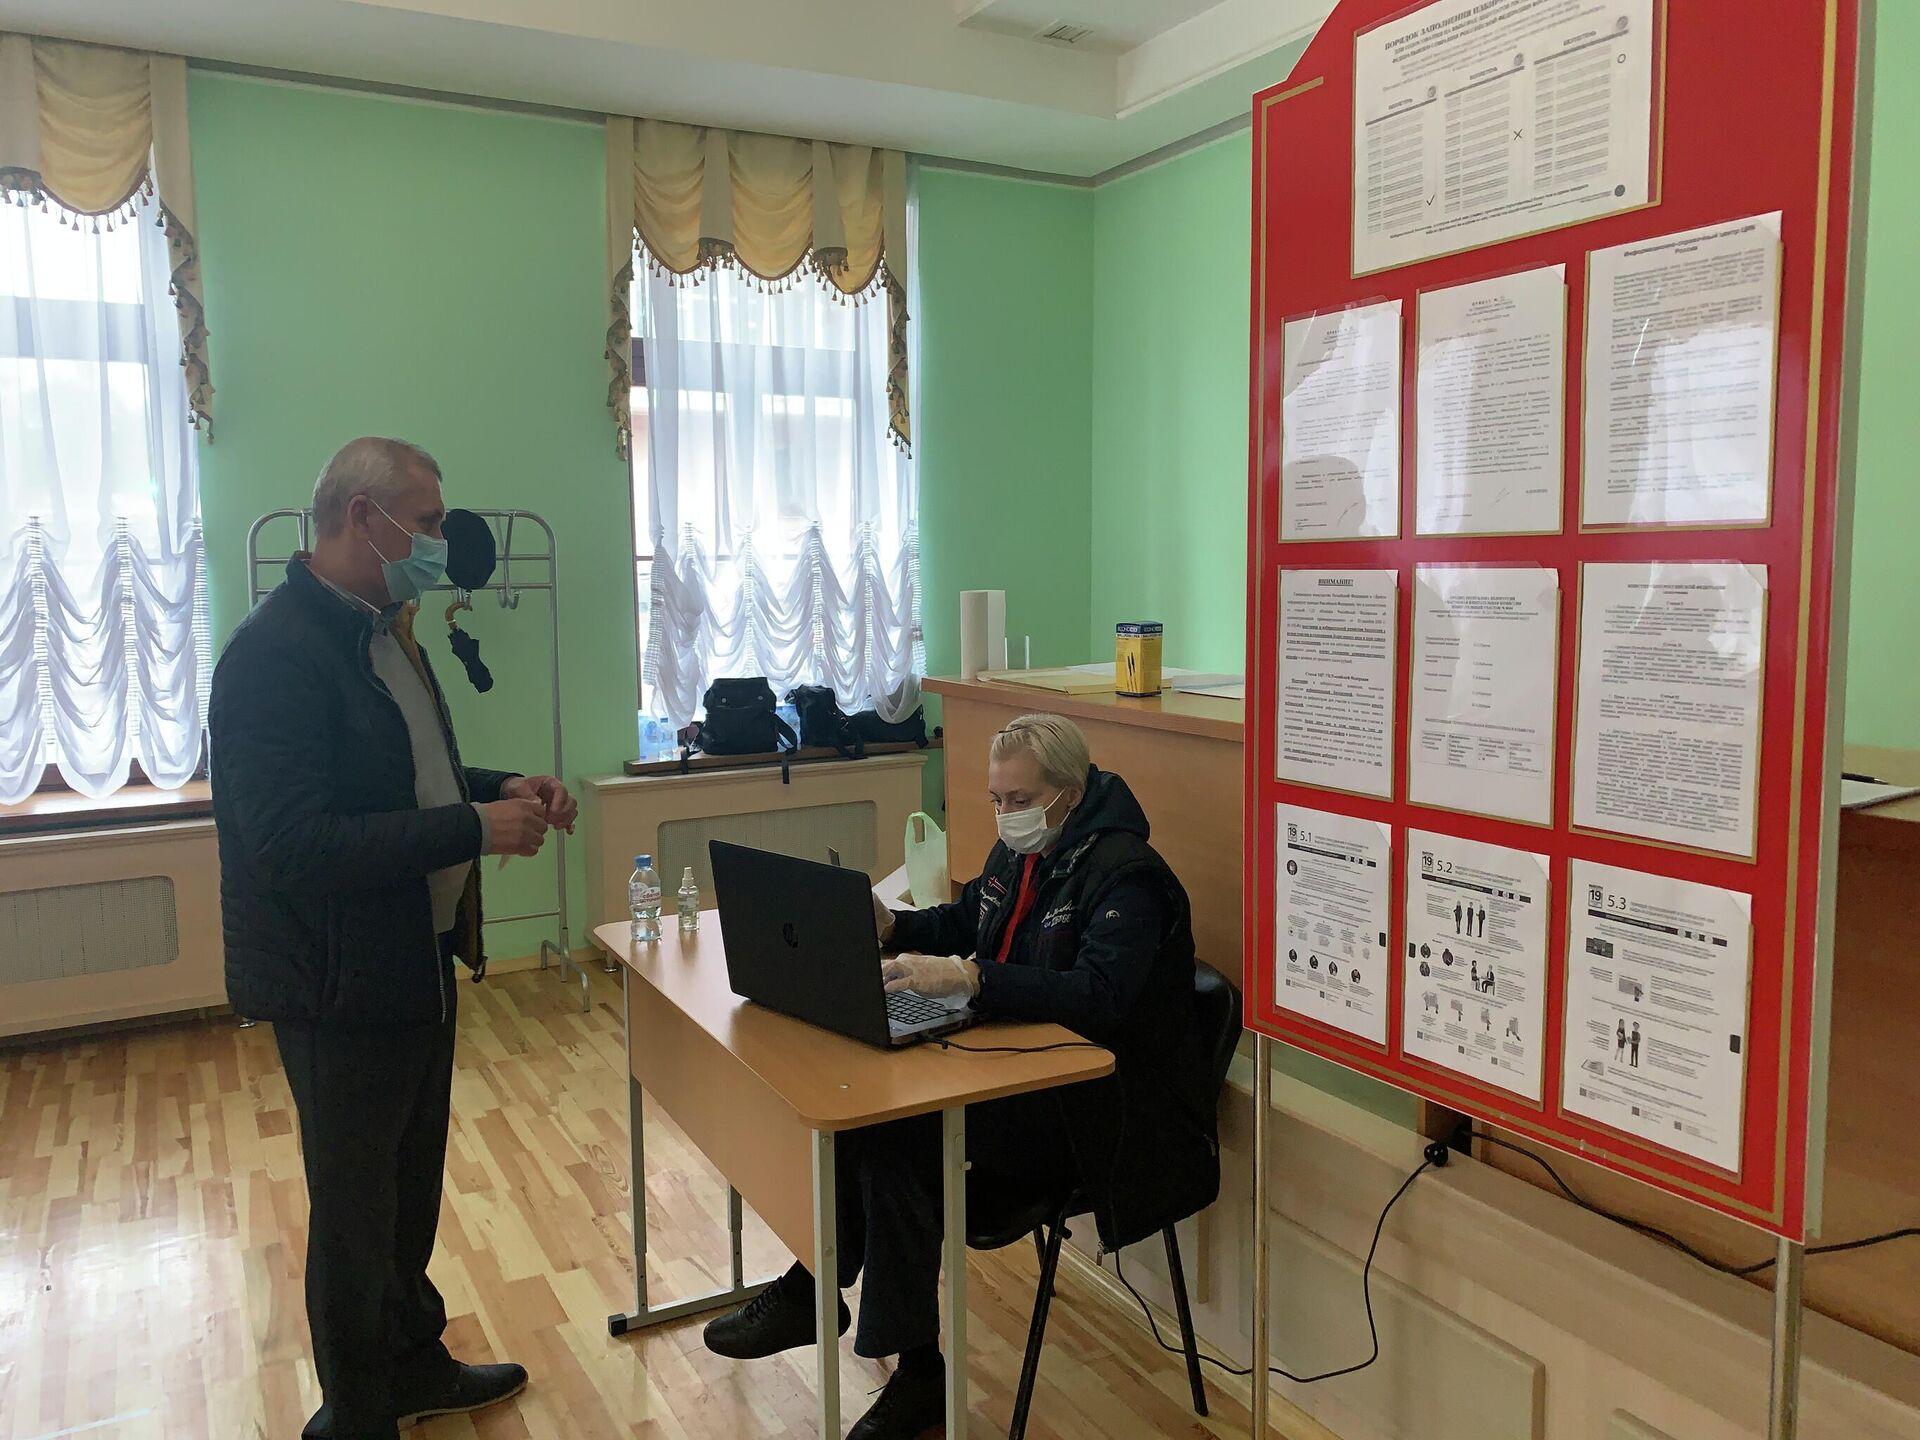 Каждого избиратели проверяли в системе Стоп-дубль, чтобы исключить возможность двойного голосования - Sputnik Беларусь, 1920, 19.09.2021